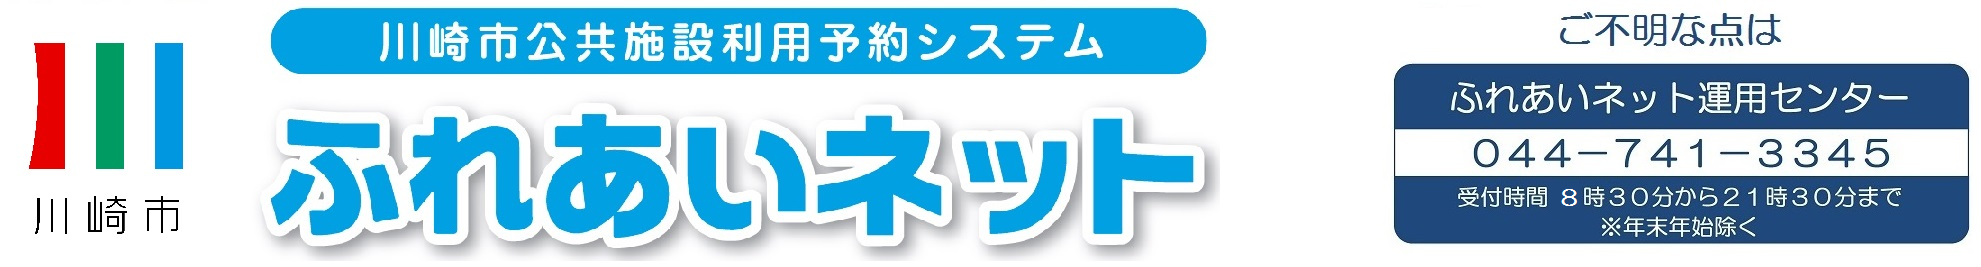 ネット 川崎 市 ふれあい